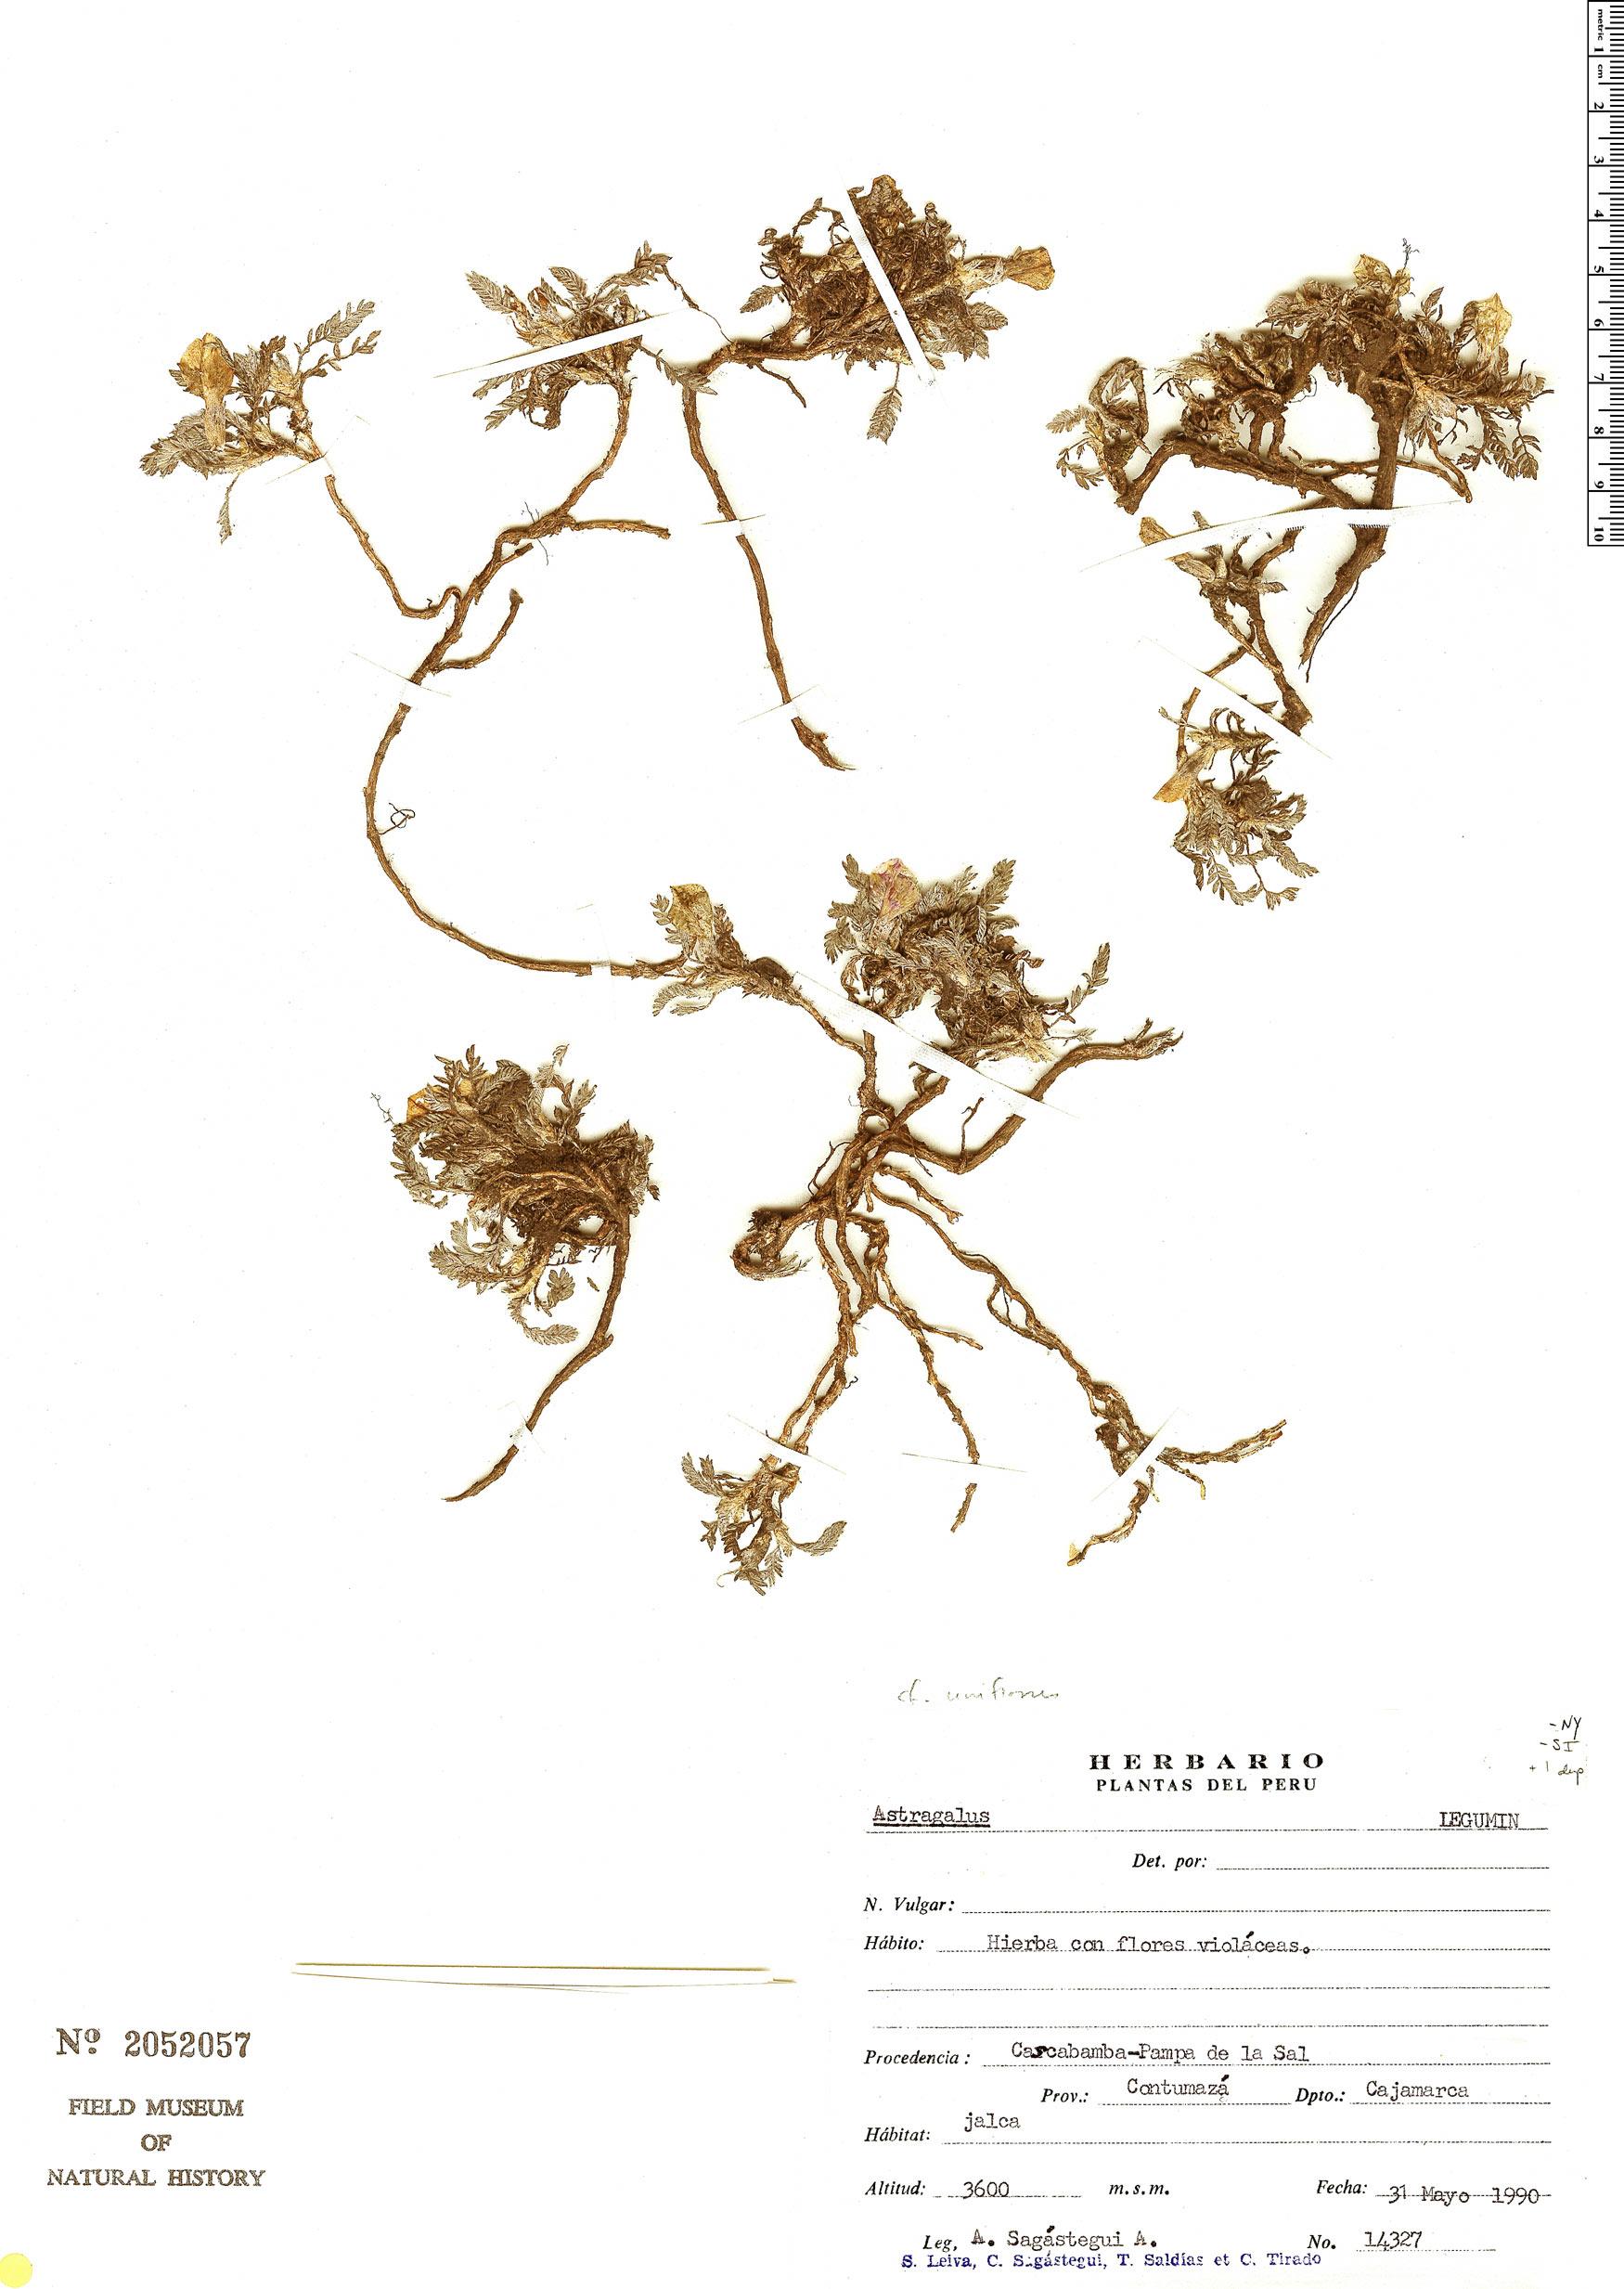 Specimen: Astragalus uniflorus